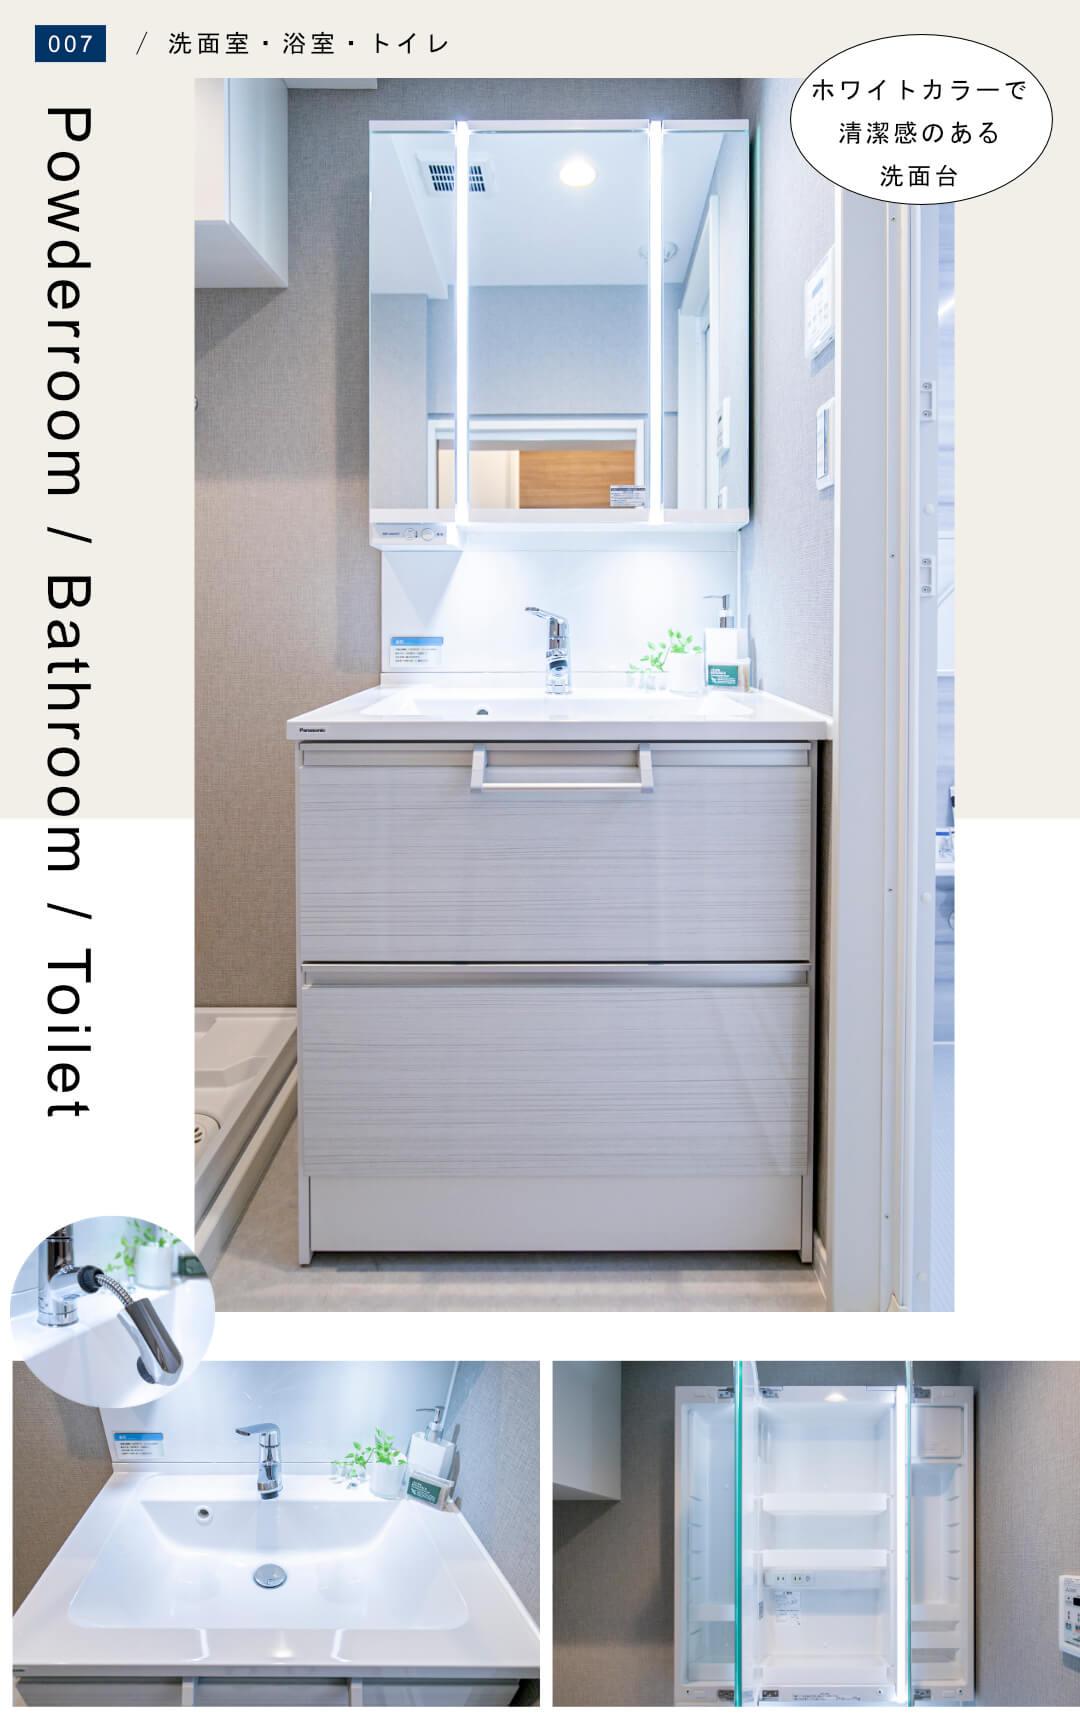 ハイマート渋谷神泉 302の洗面室